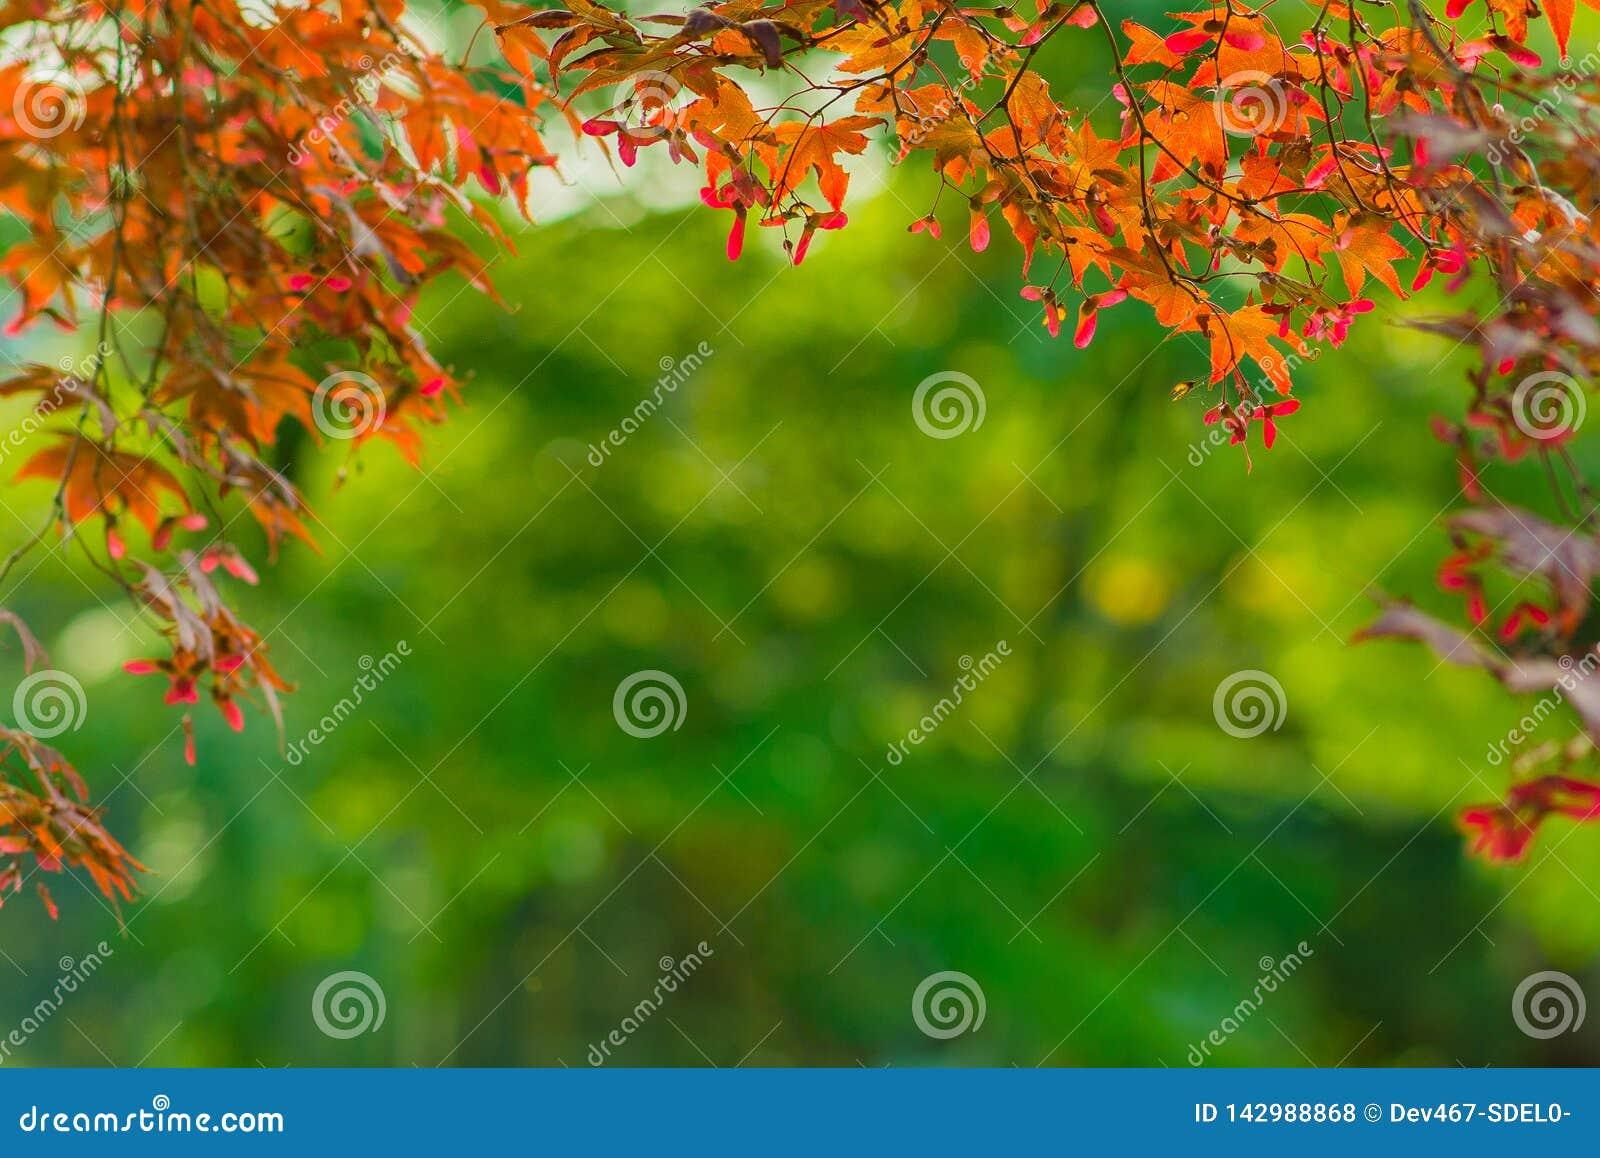 Herbstrahmenhintergrund